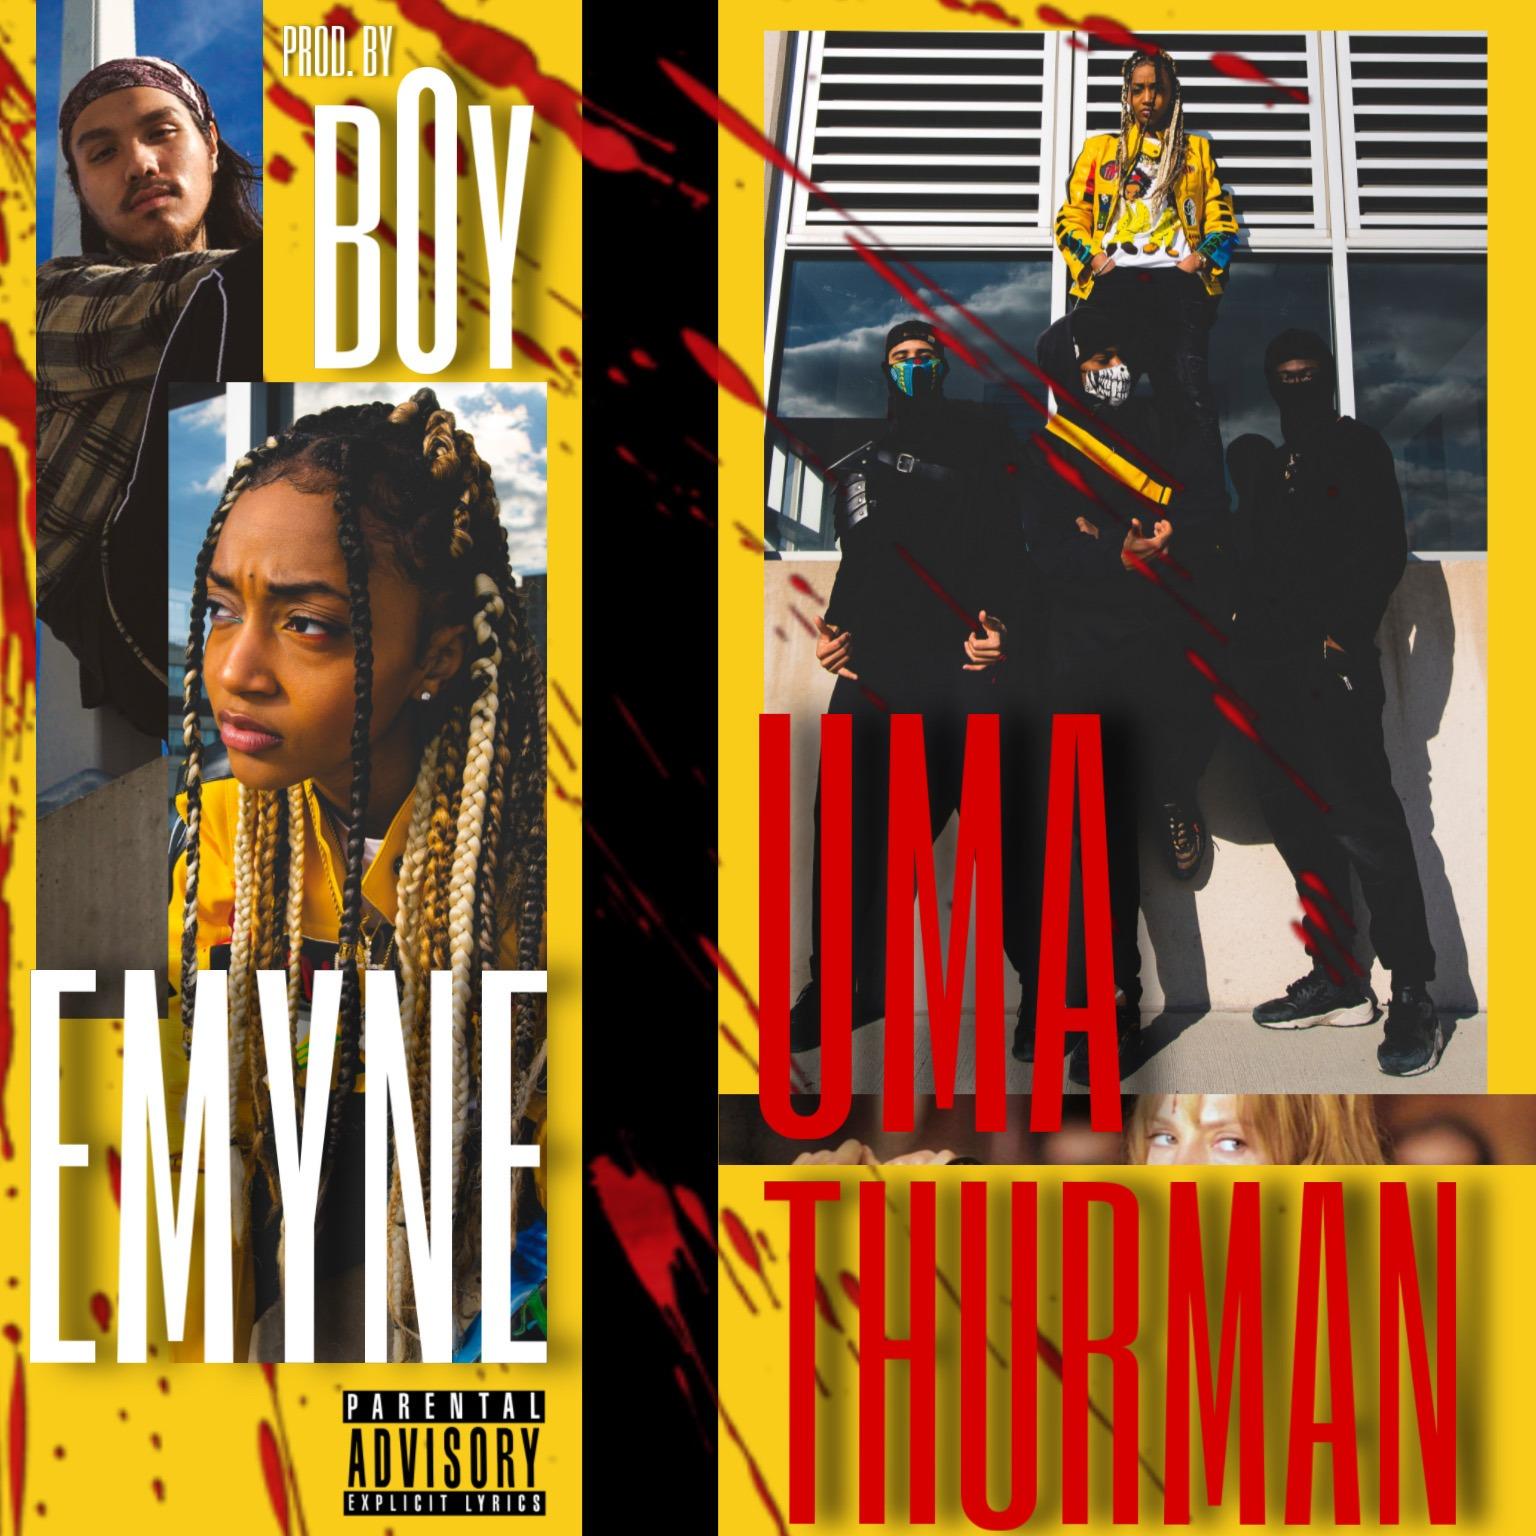 Emyne- Uma Thurman (prod. by B0y) Music Video